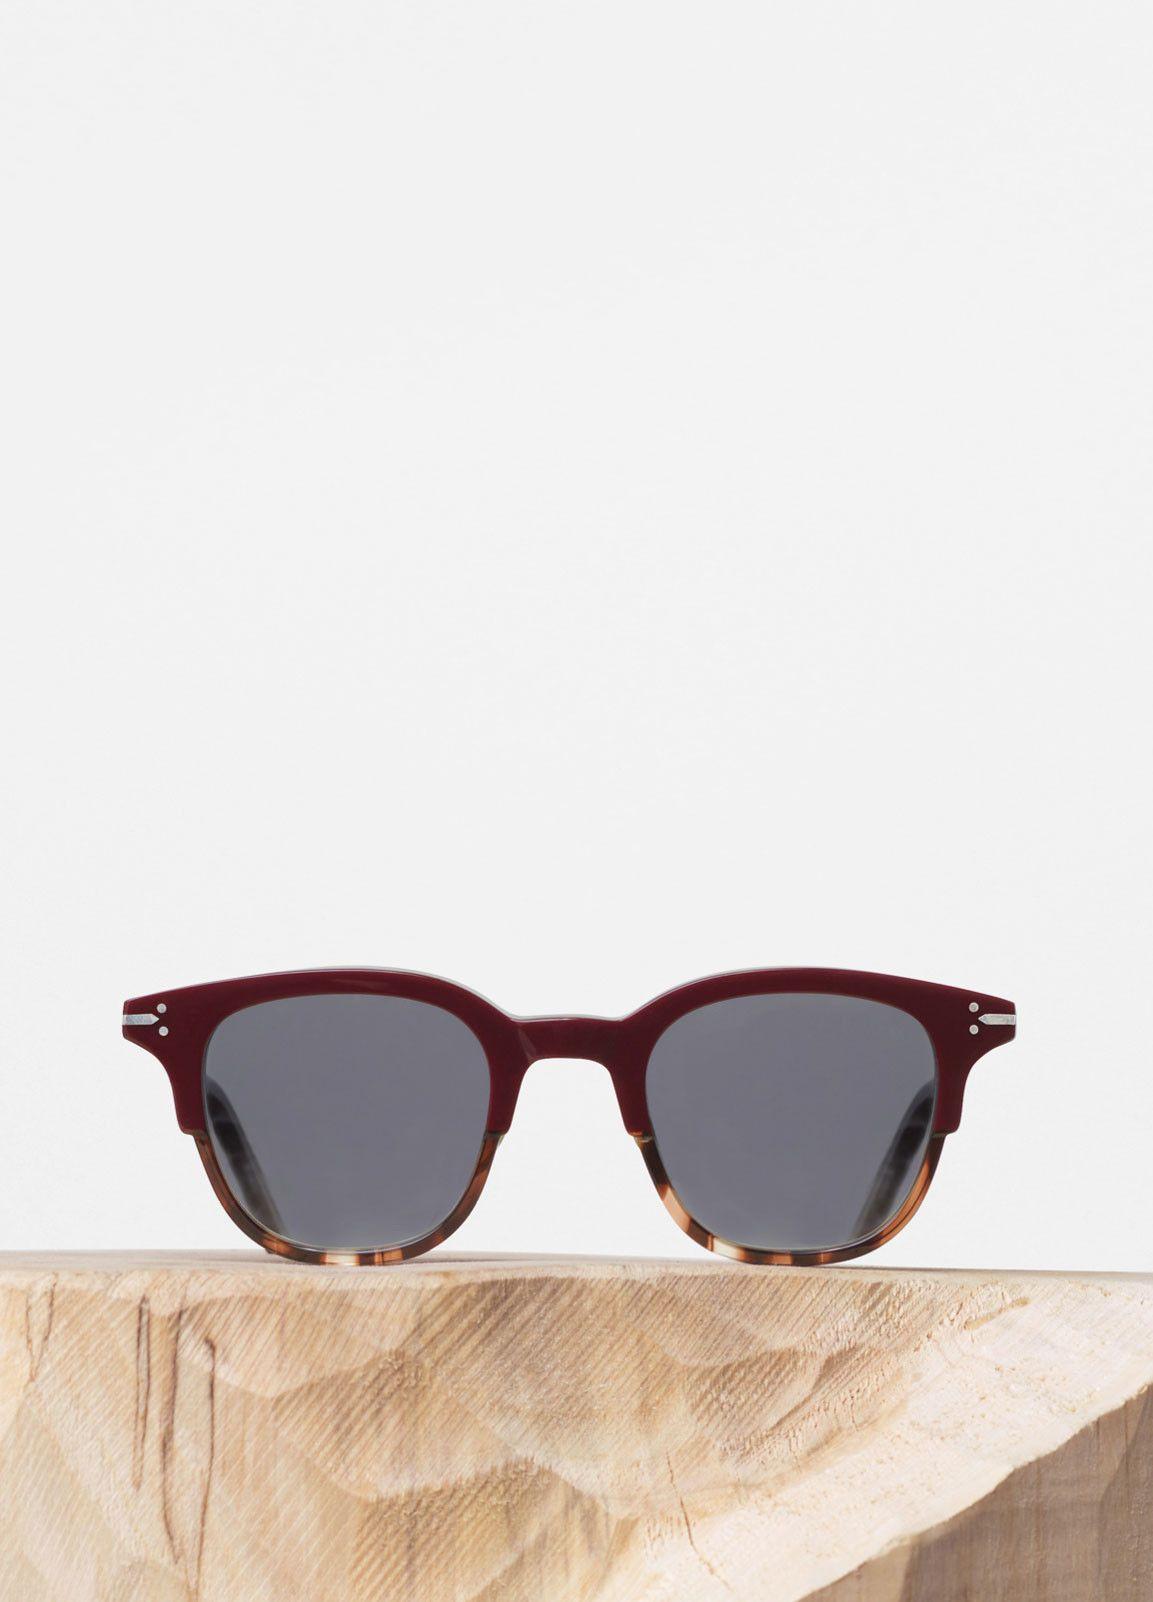 7ffc05f58599 Erin Sunglasses in Acetate - Céline